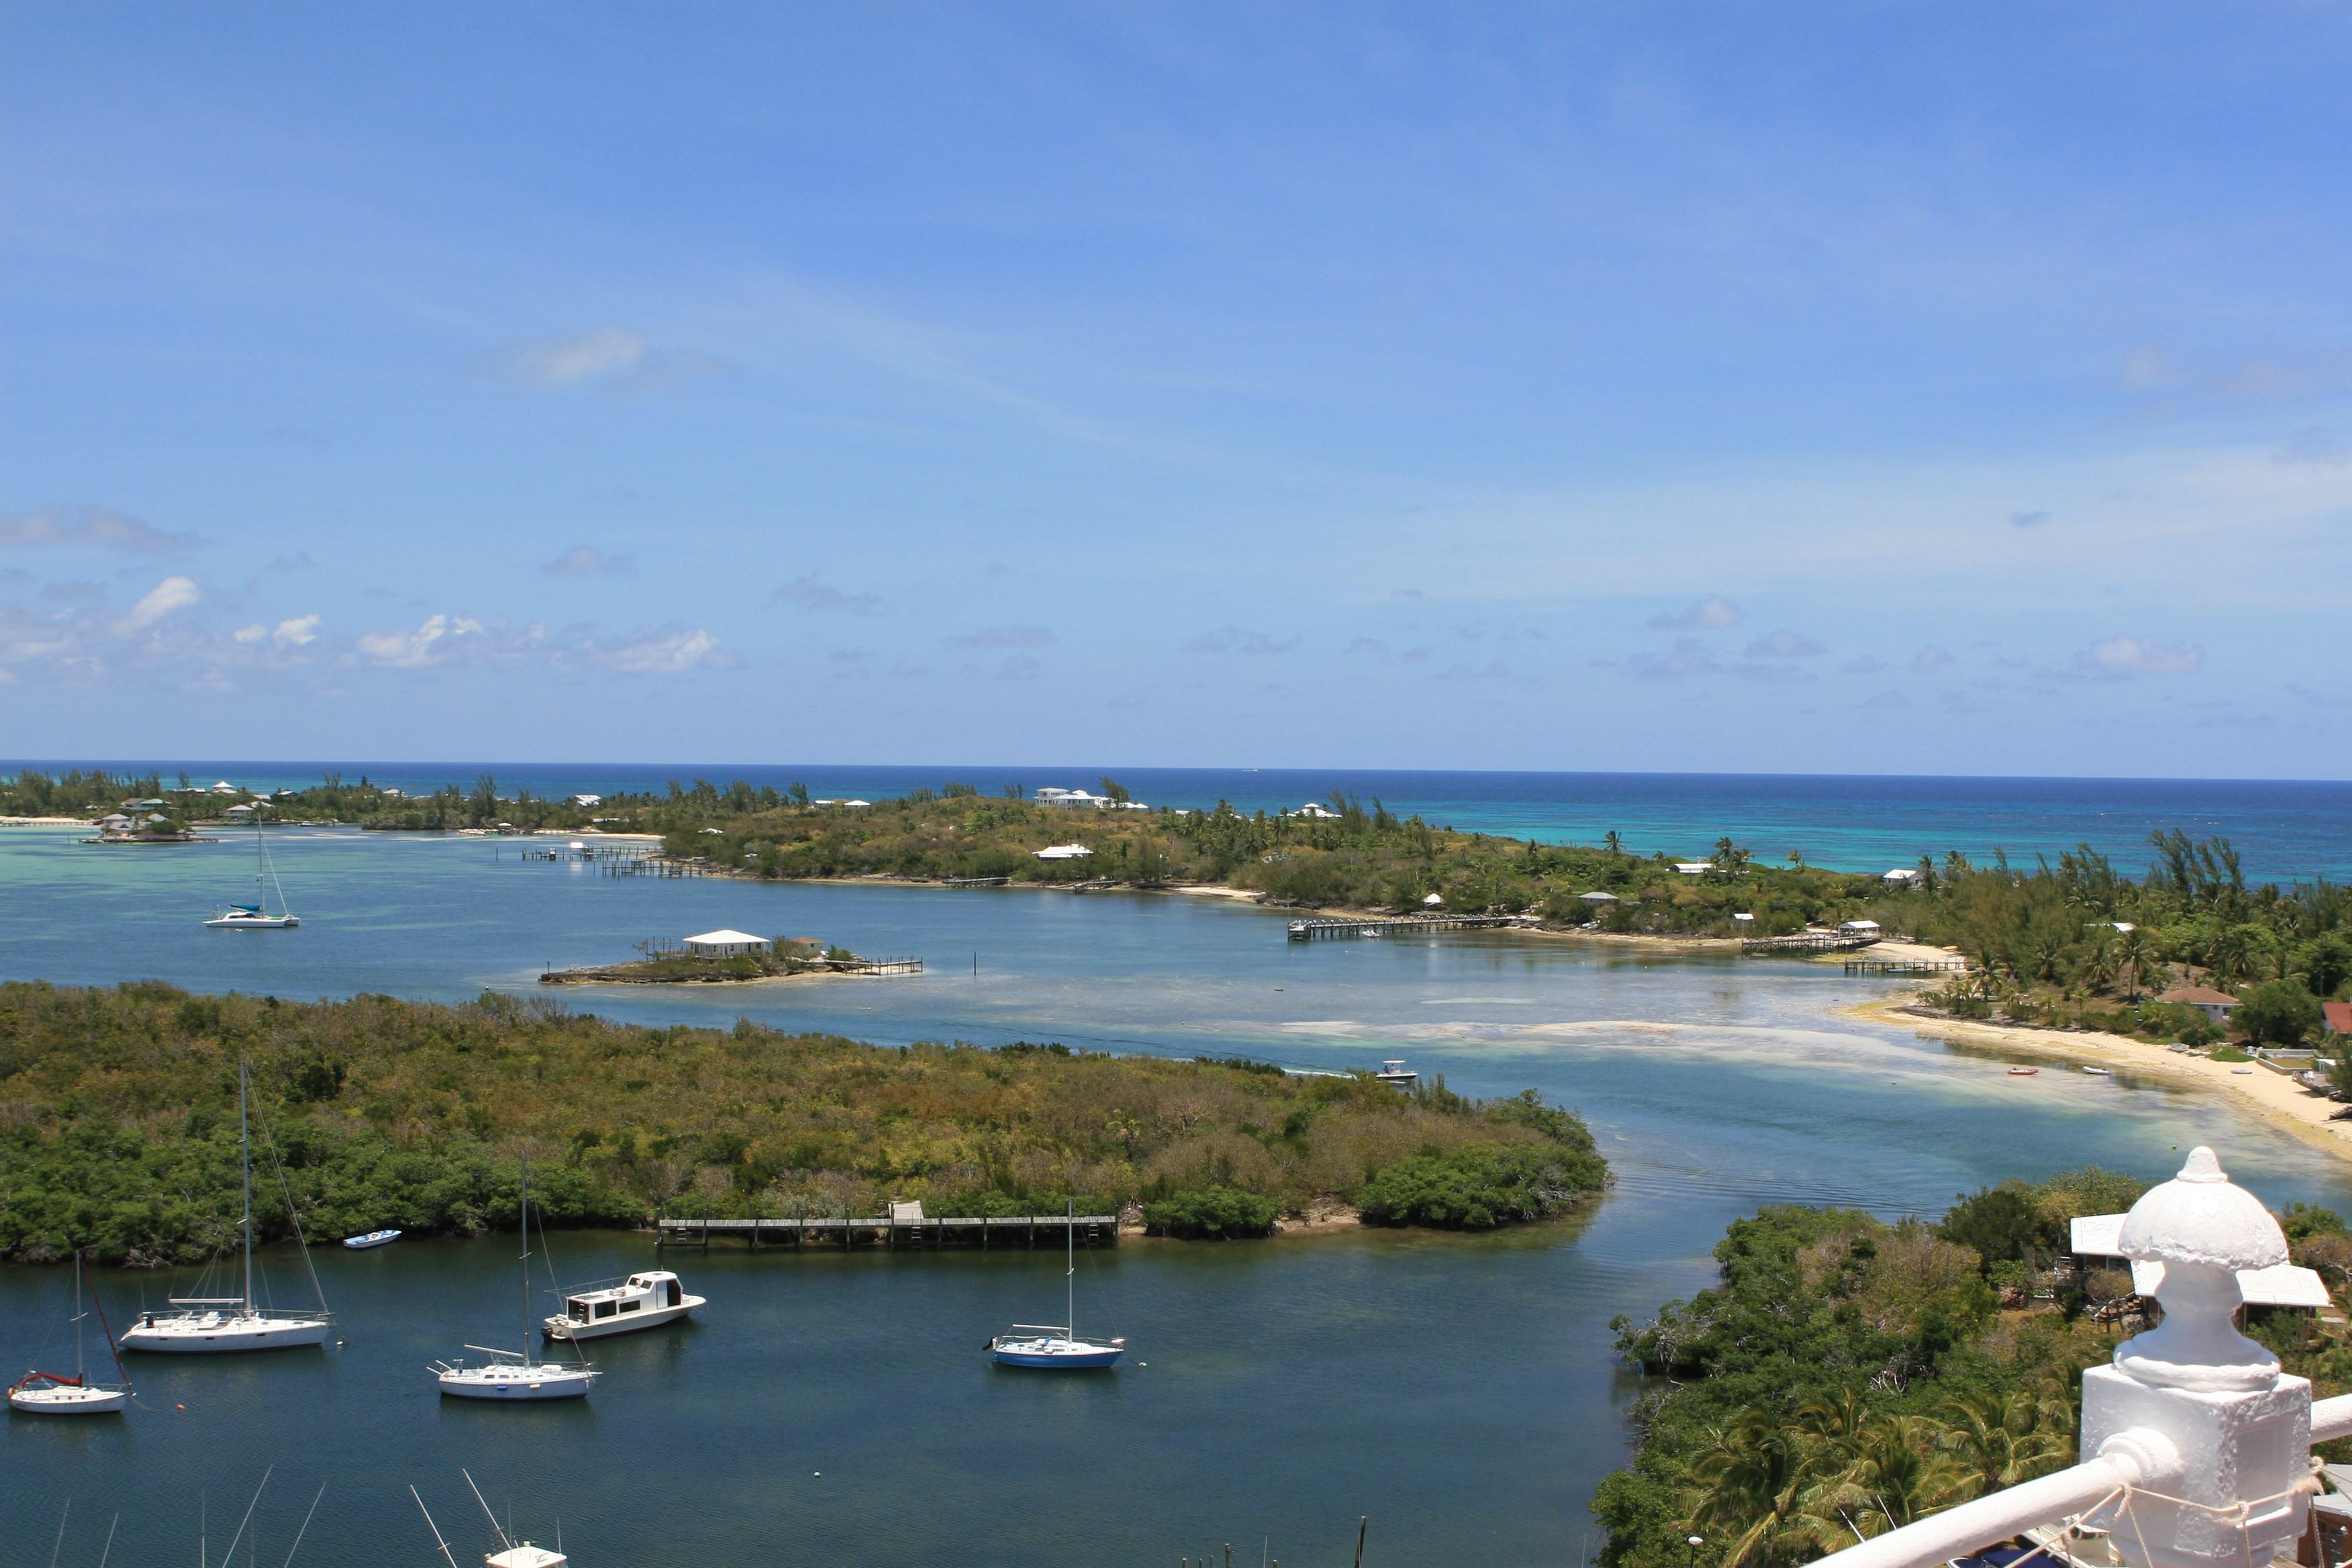 Noleggio Barche Elbow Cay - Navalia | Noleggia un Sogno